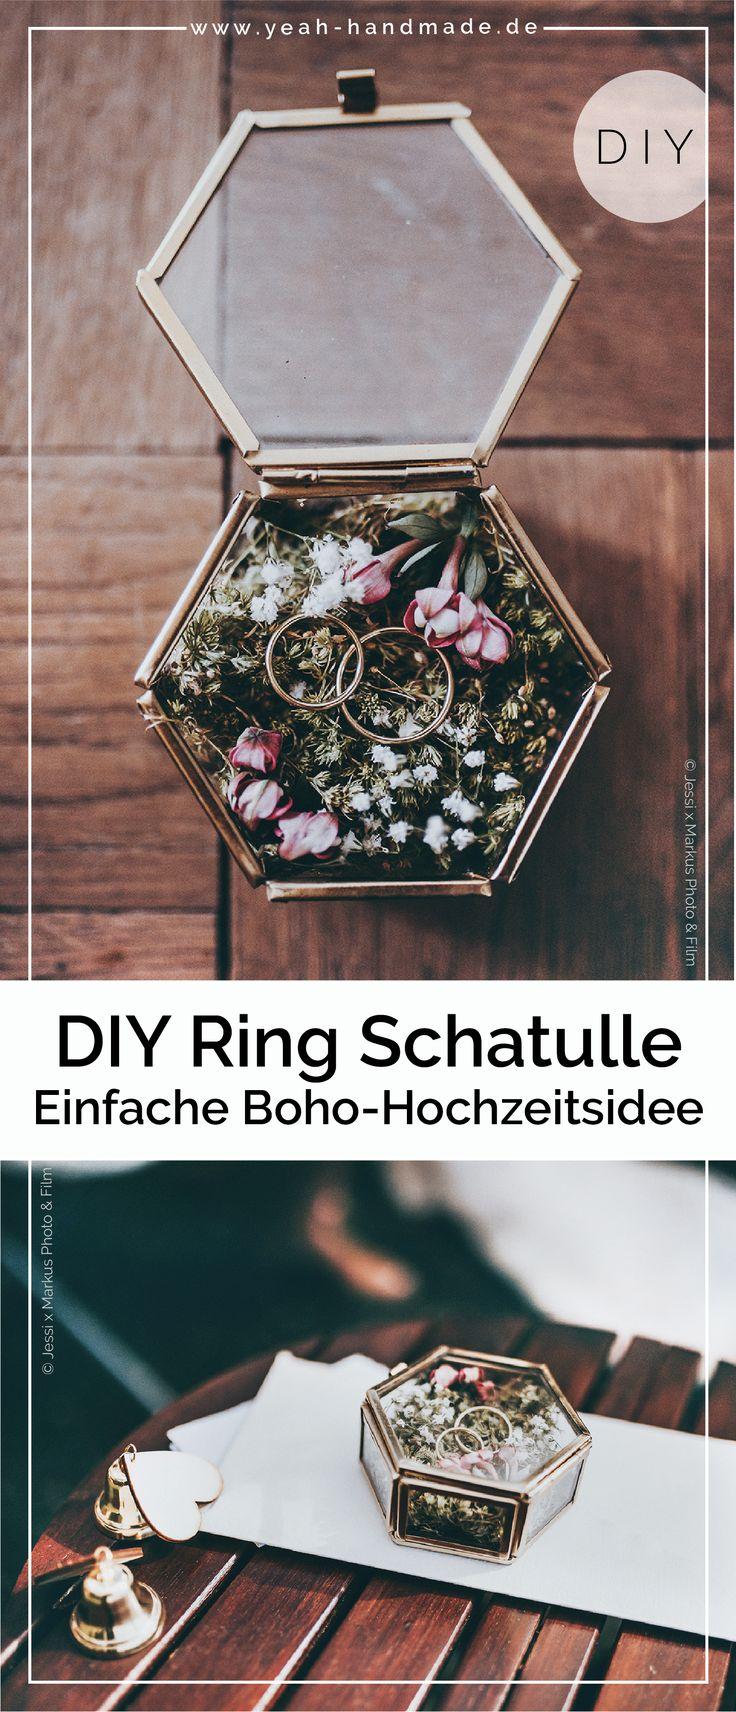 DIY Hochzeitsideen: Ringkissen aus Moos in einer Glasschatulle